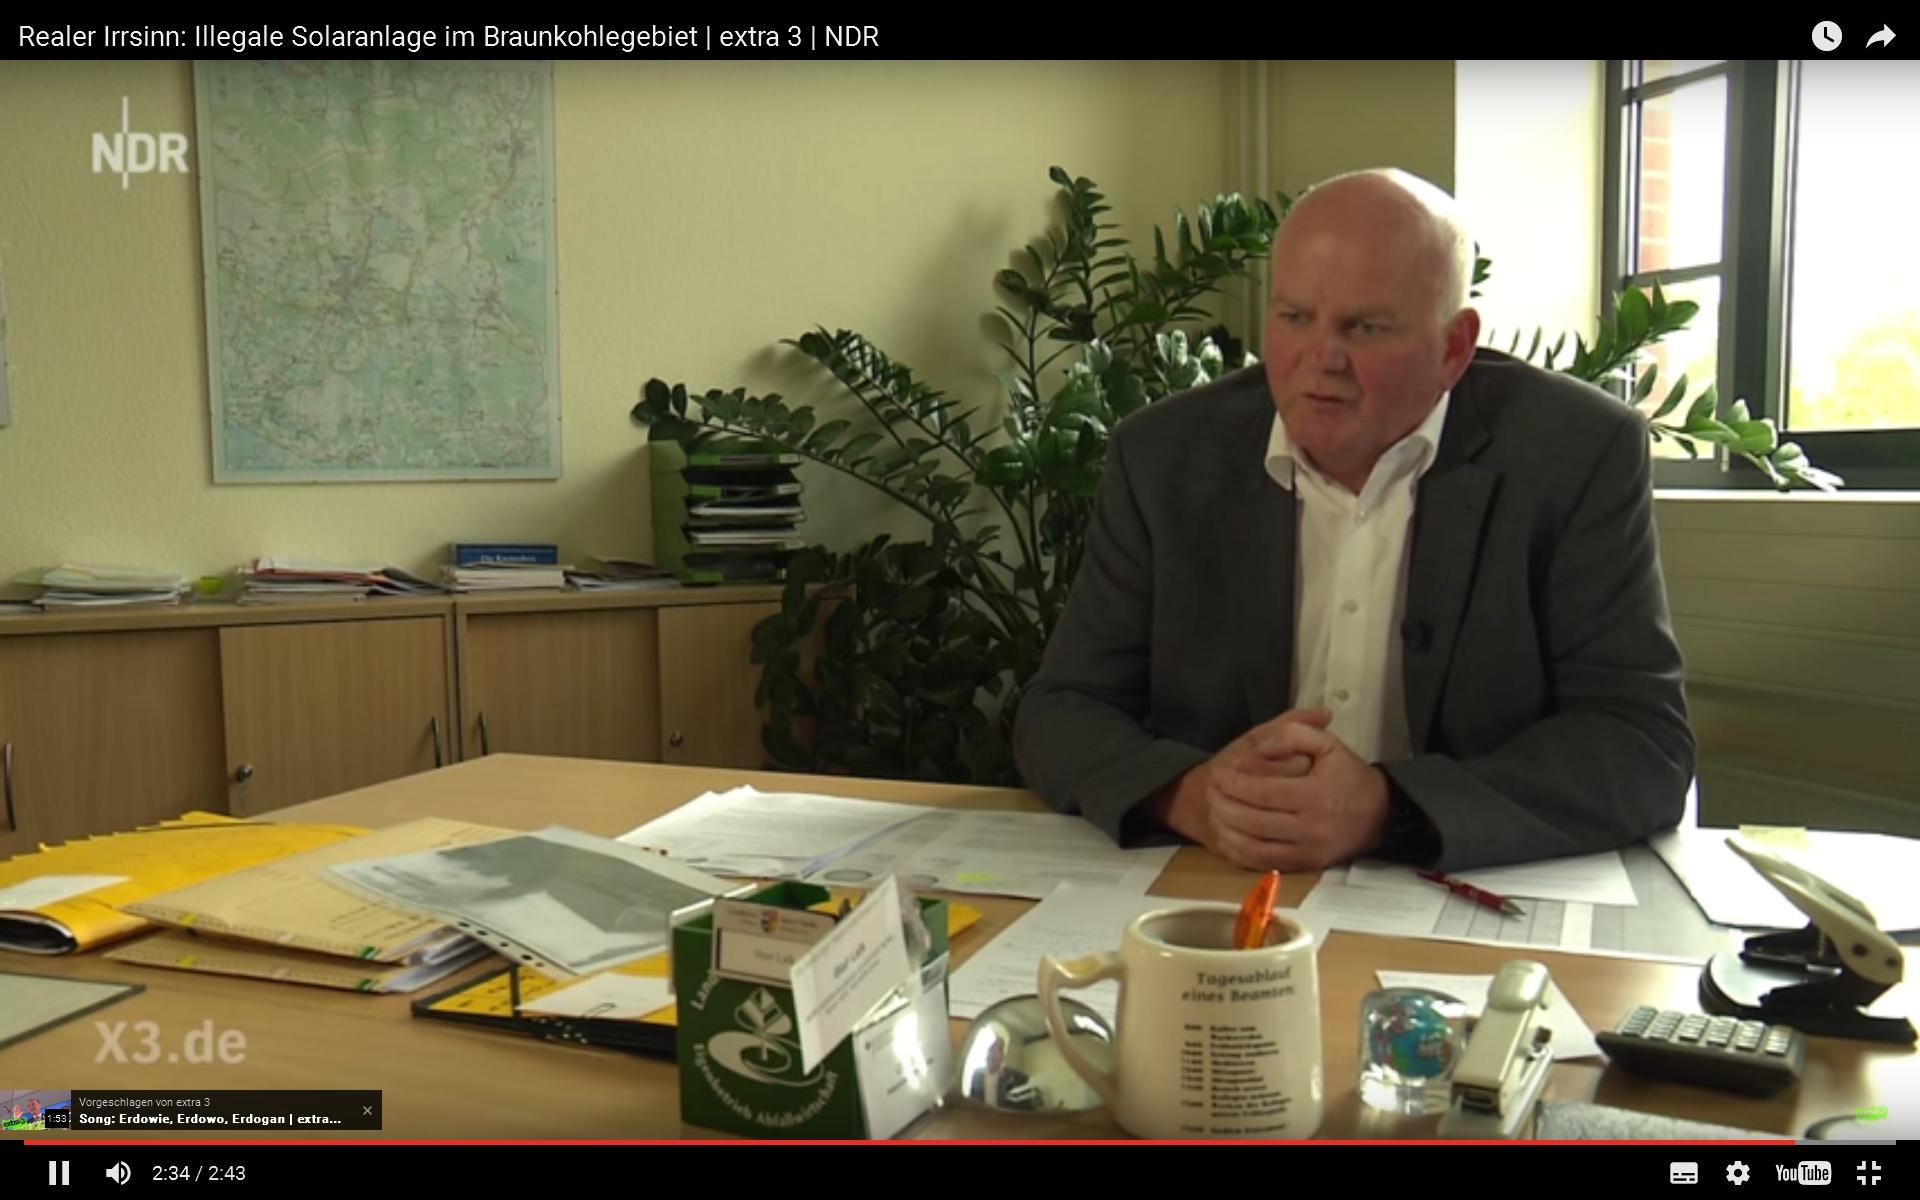 Der eigene Schreibtisch - Freud und Leid des Staatsdieners